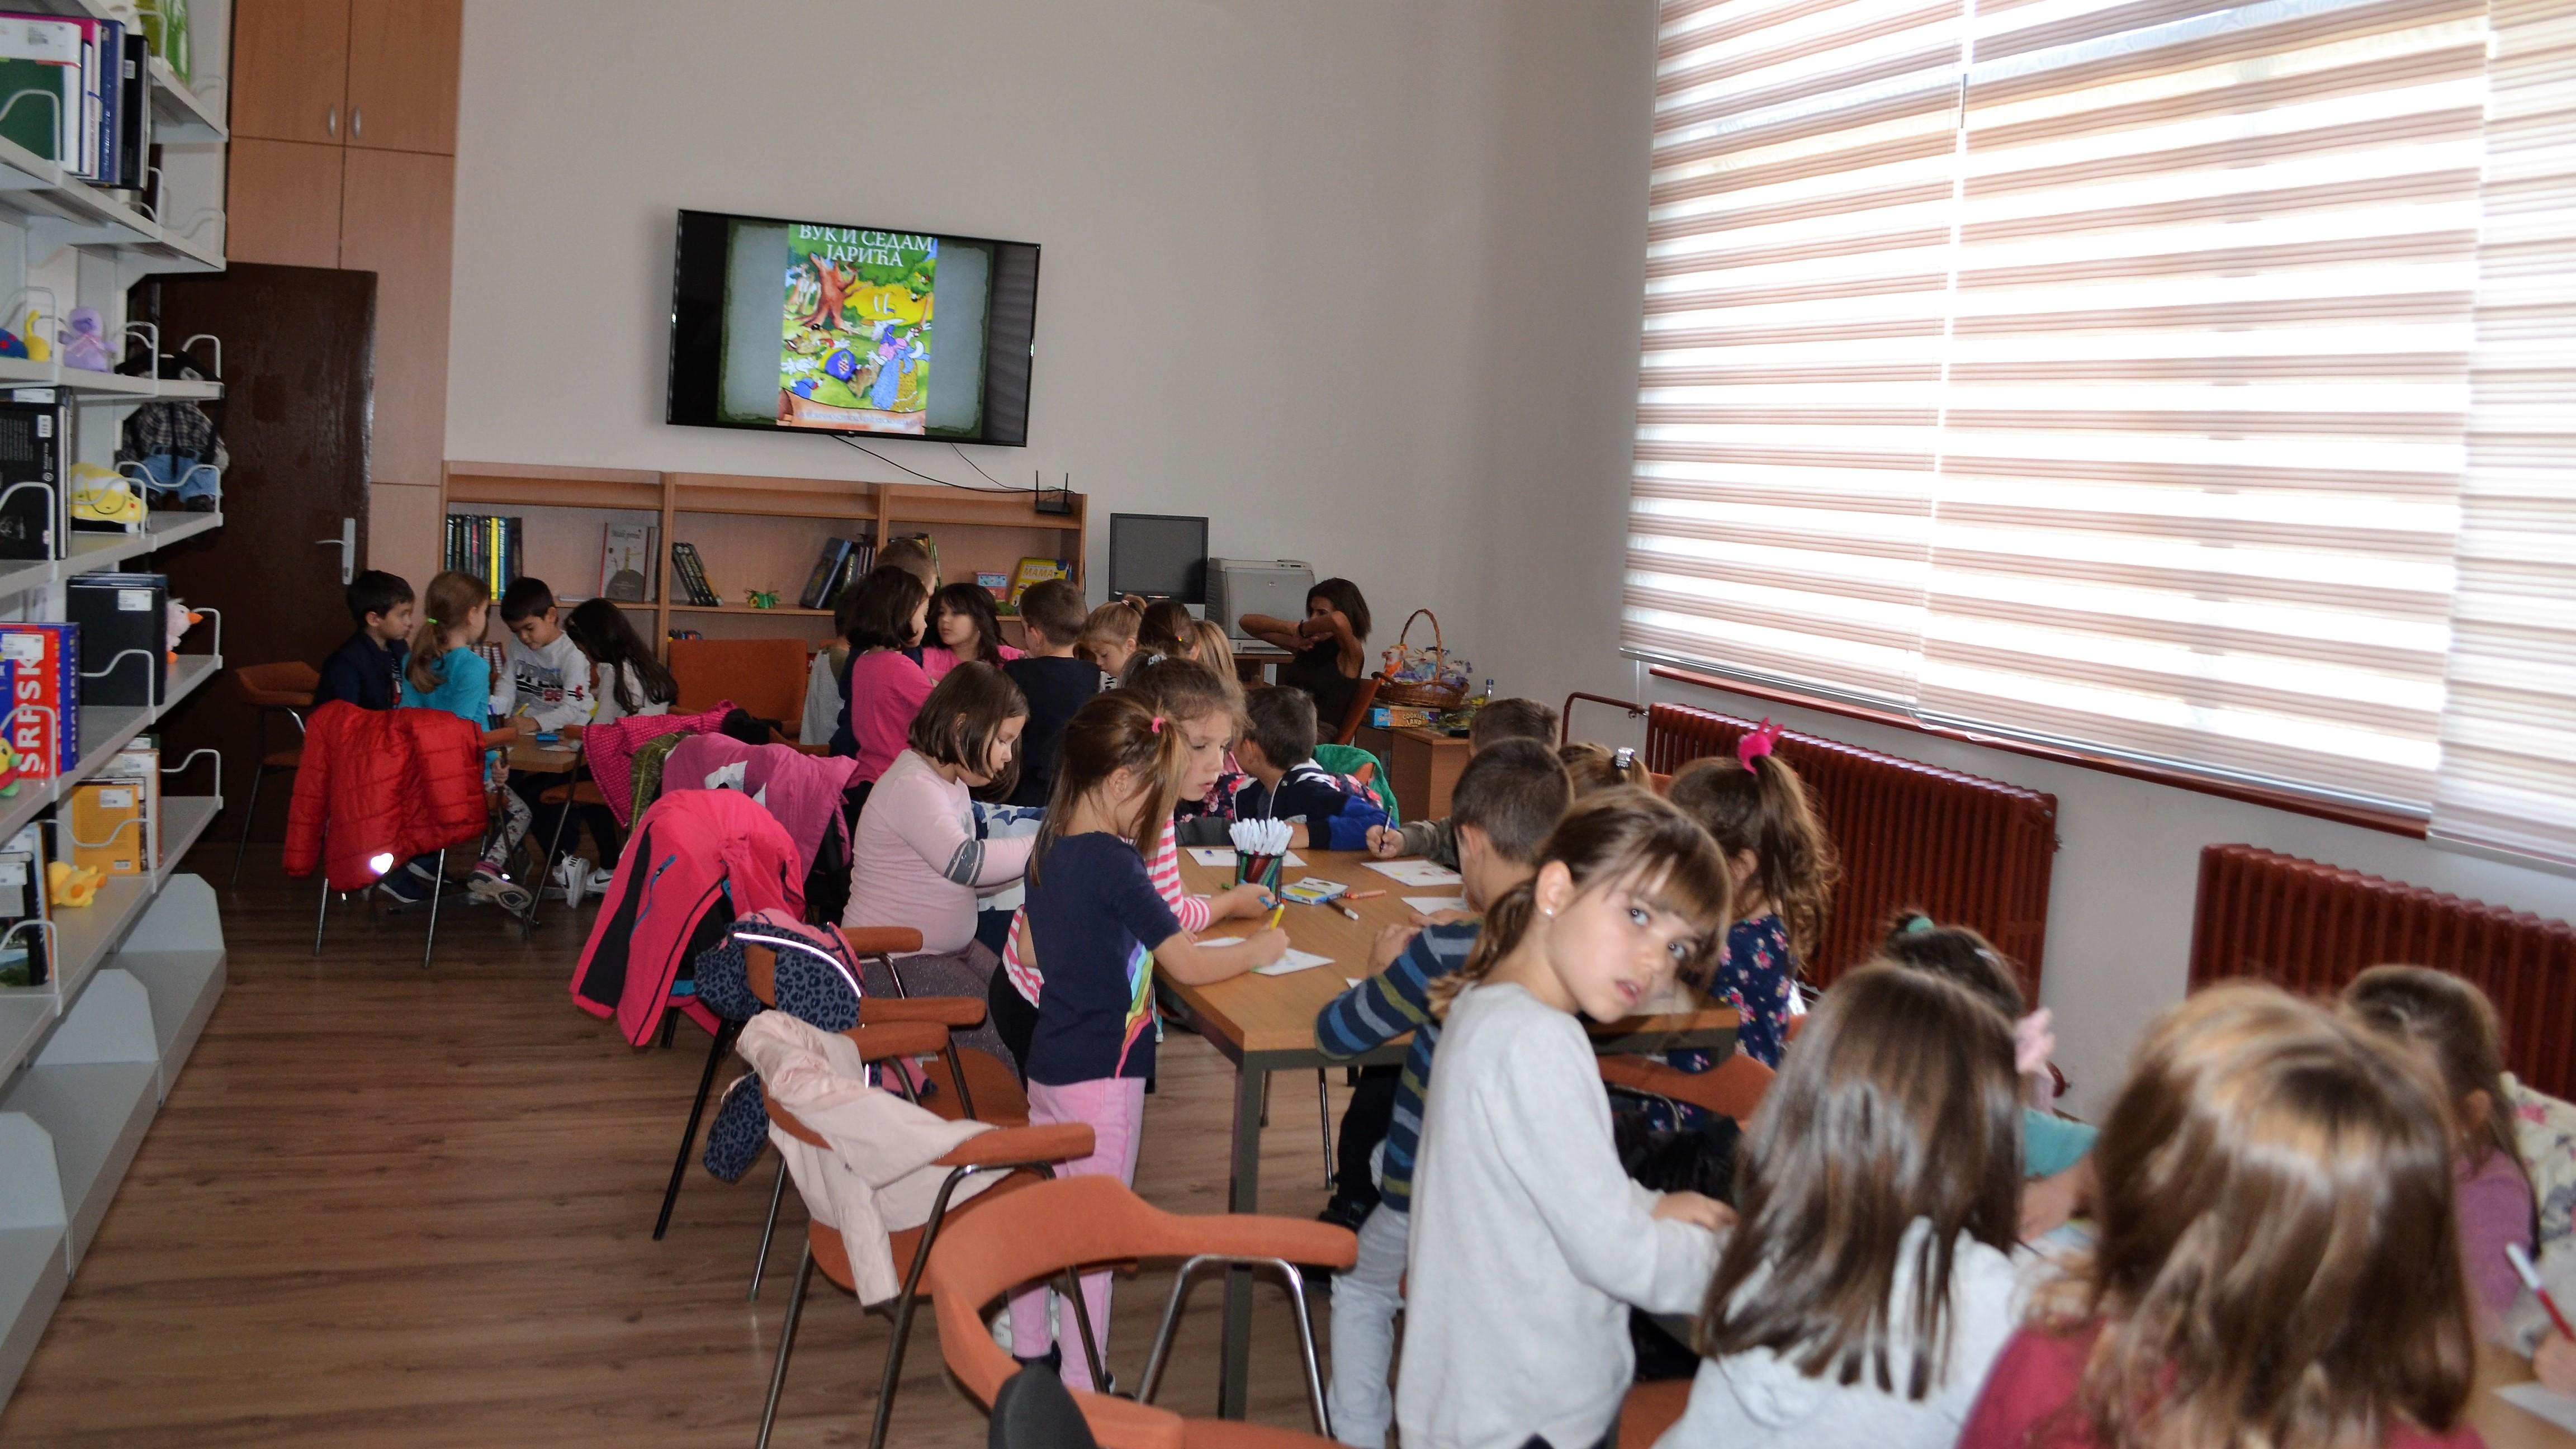 decija_edukativna_radionica_narodna_biblioteka_njegos_knjazevac